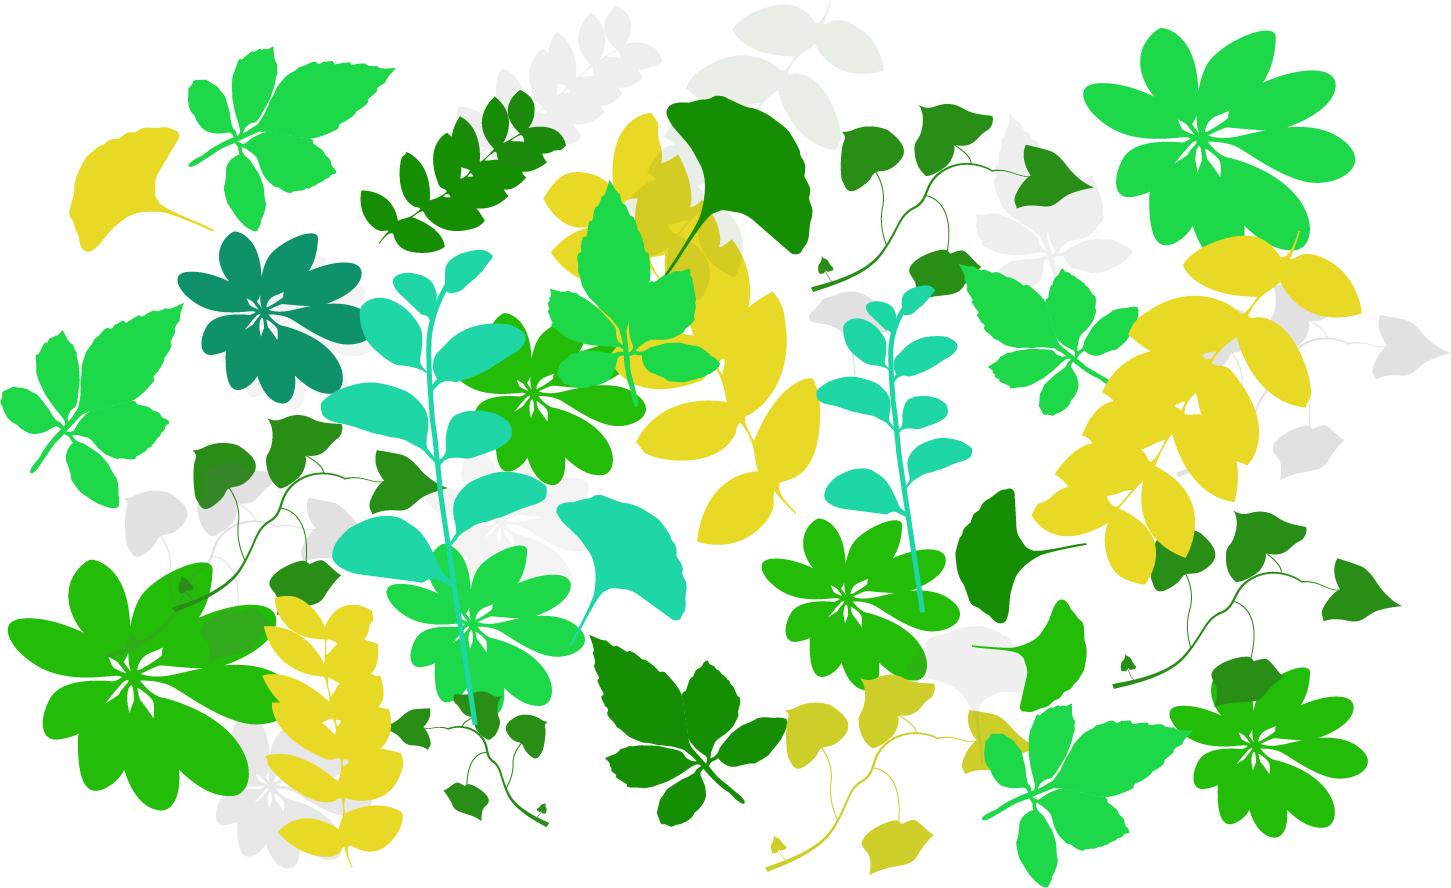 树叶|平面|图案|是啊是啊 - 原创作品 - 站酷 (zcool)图片